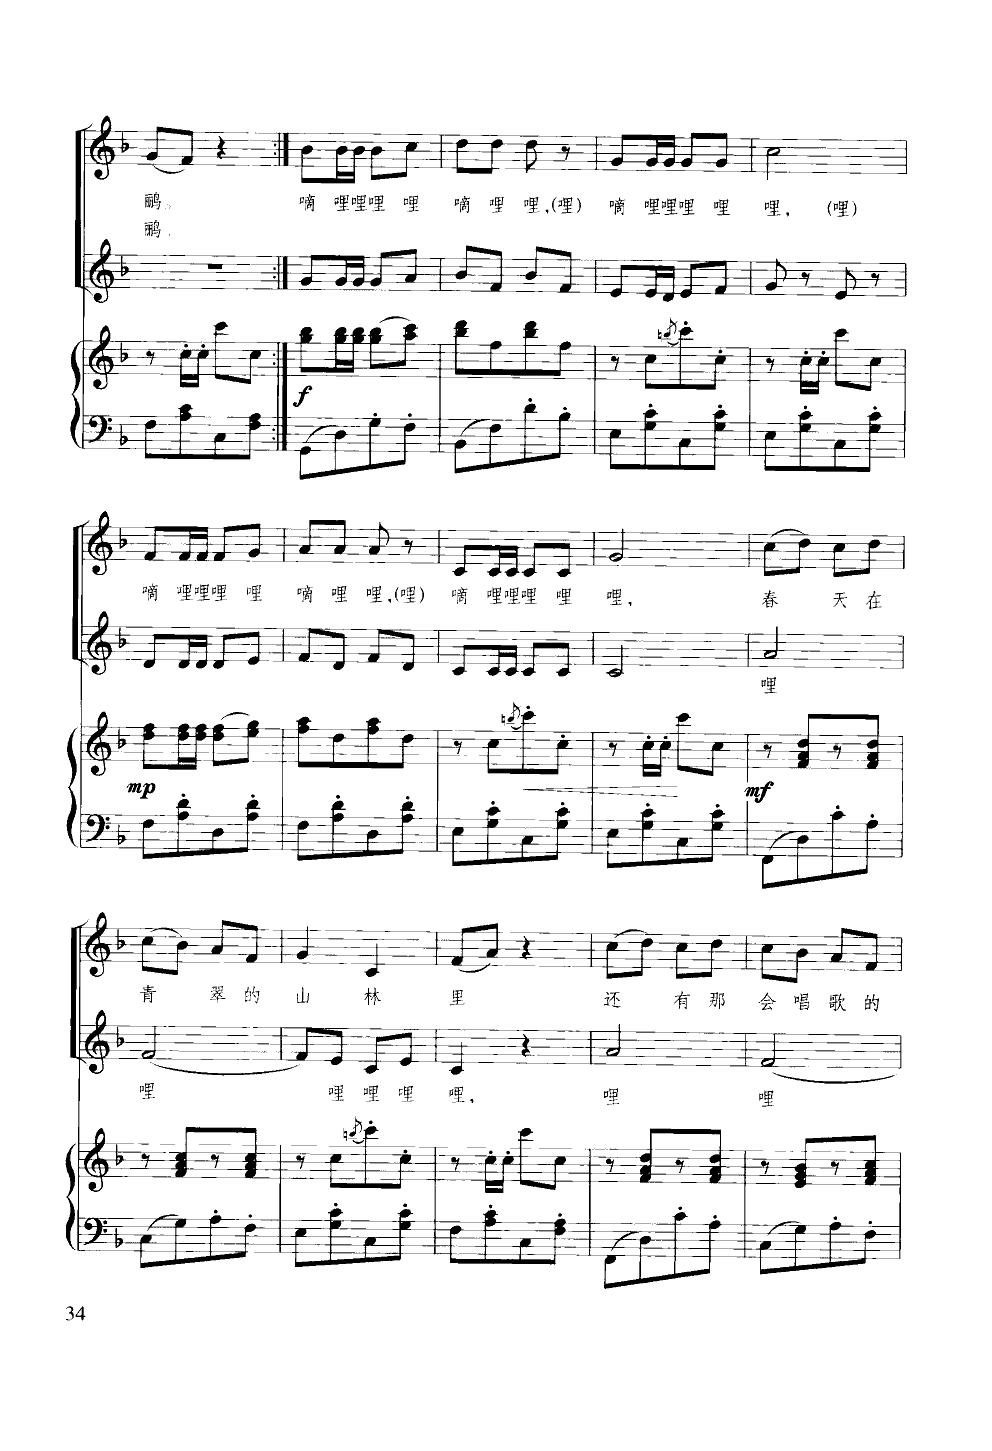 嘀哩嘀哩 合唱钢琴谱